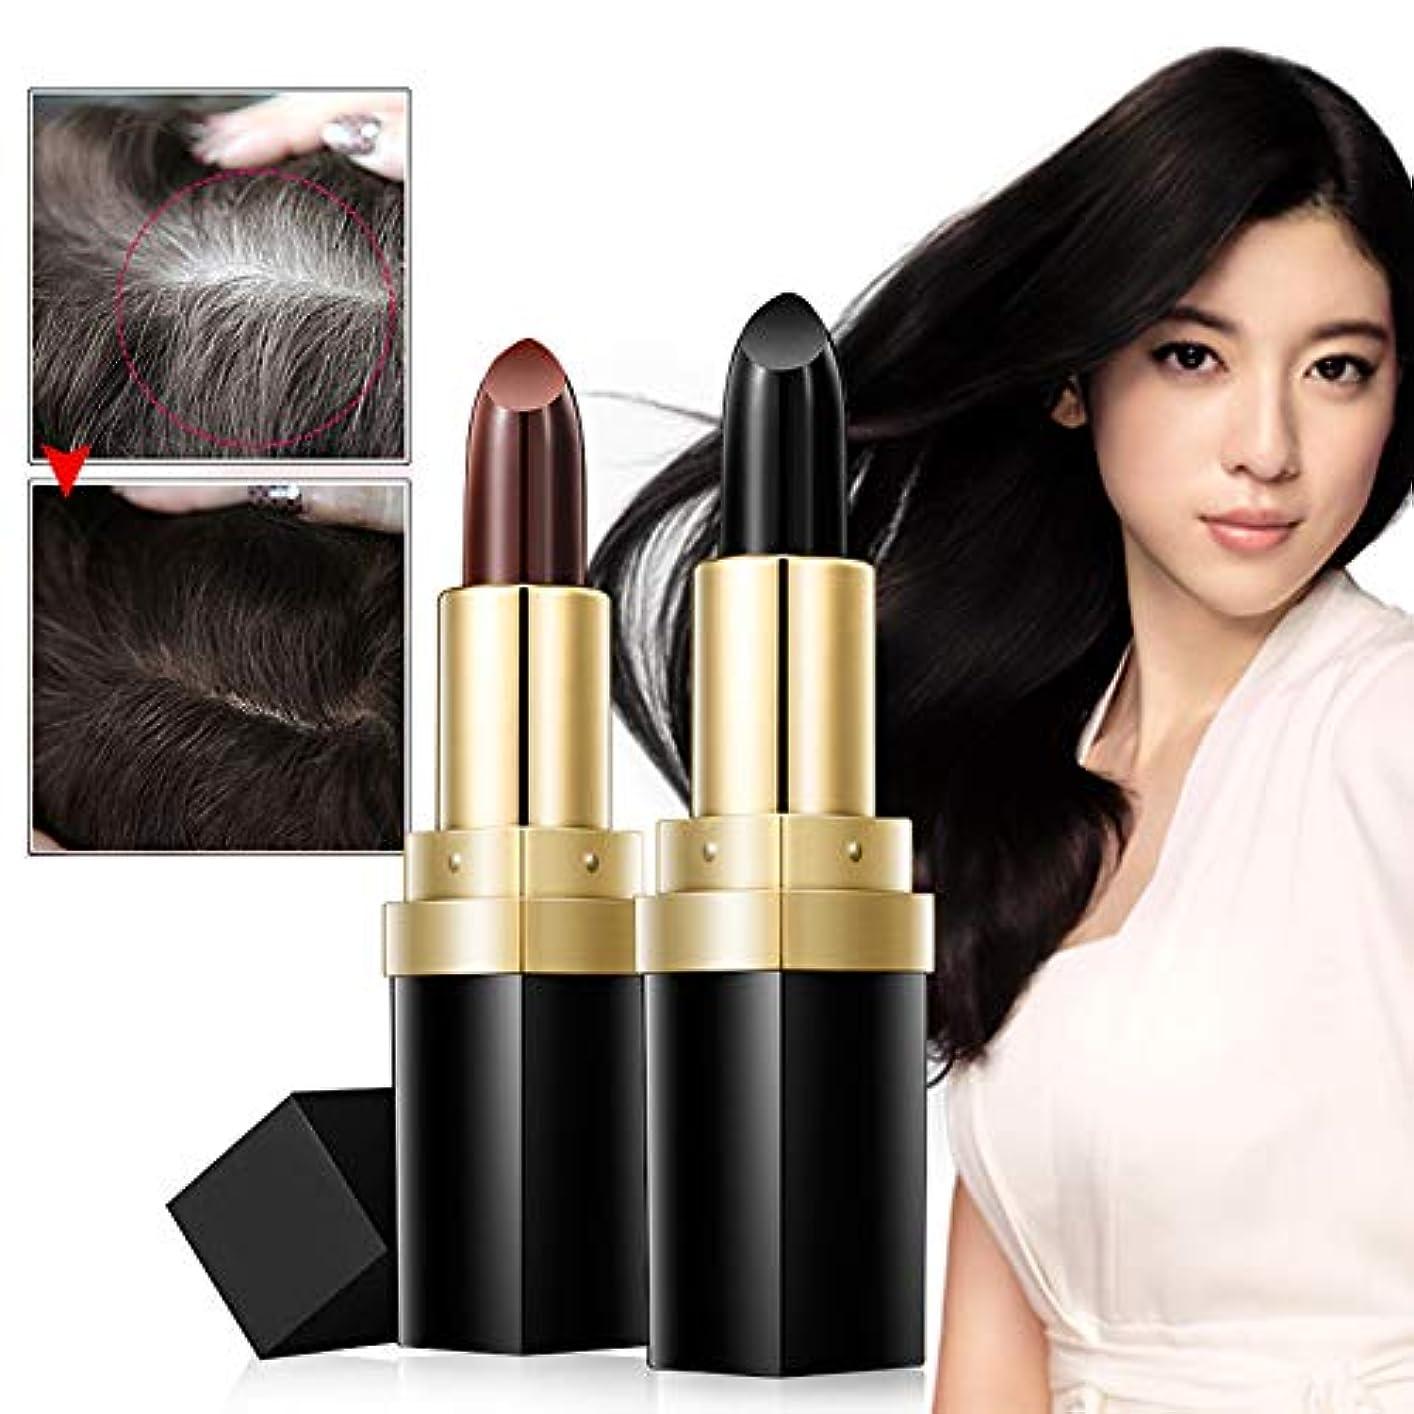 有効化線形毒性筆記染料、3.5 gの一時的な染毛剤。 2のDIY理髪ペンセットに適した非毒性リップクリーム髪チョークペン,Black+Brown